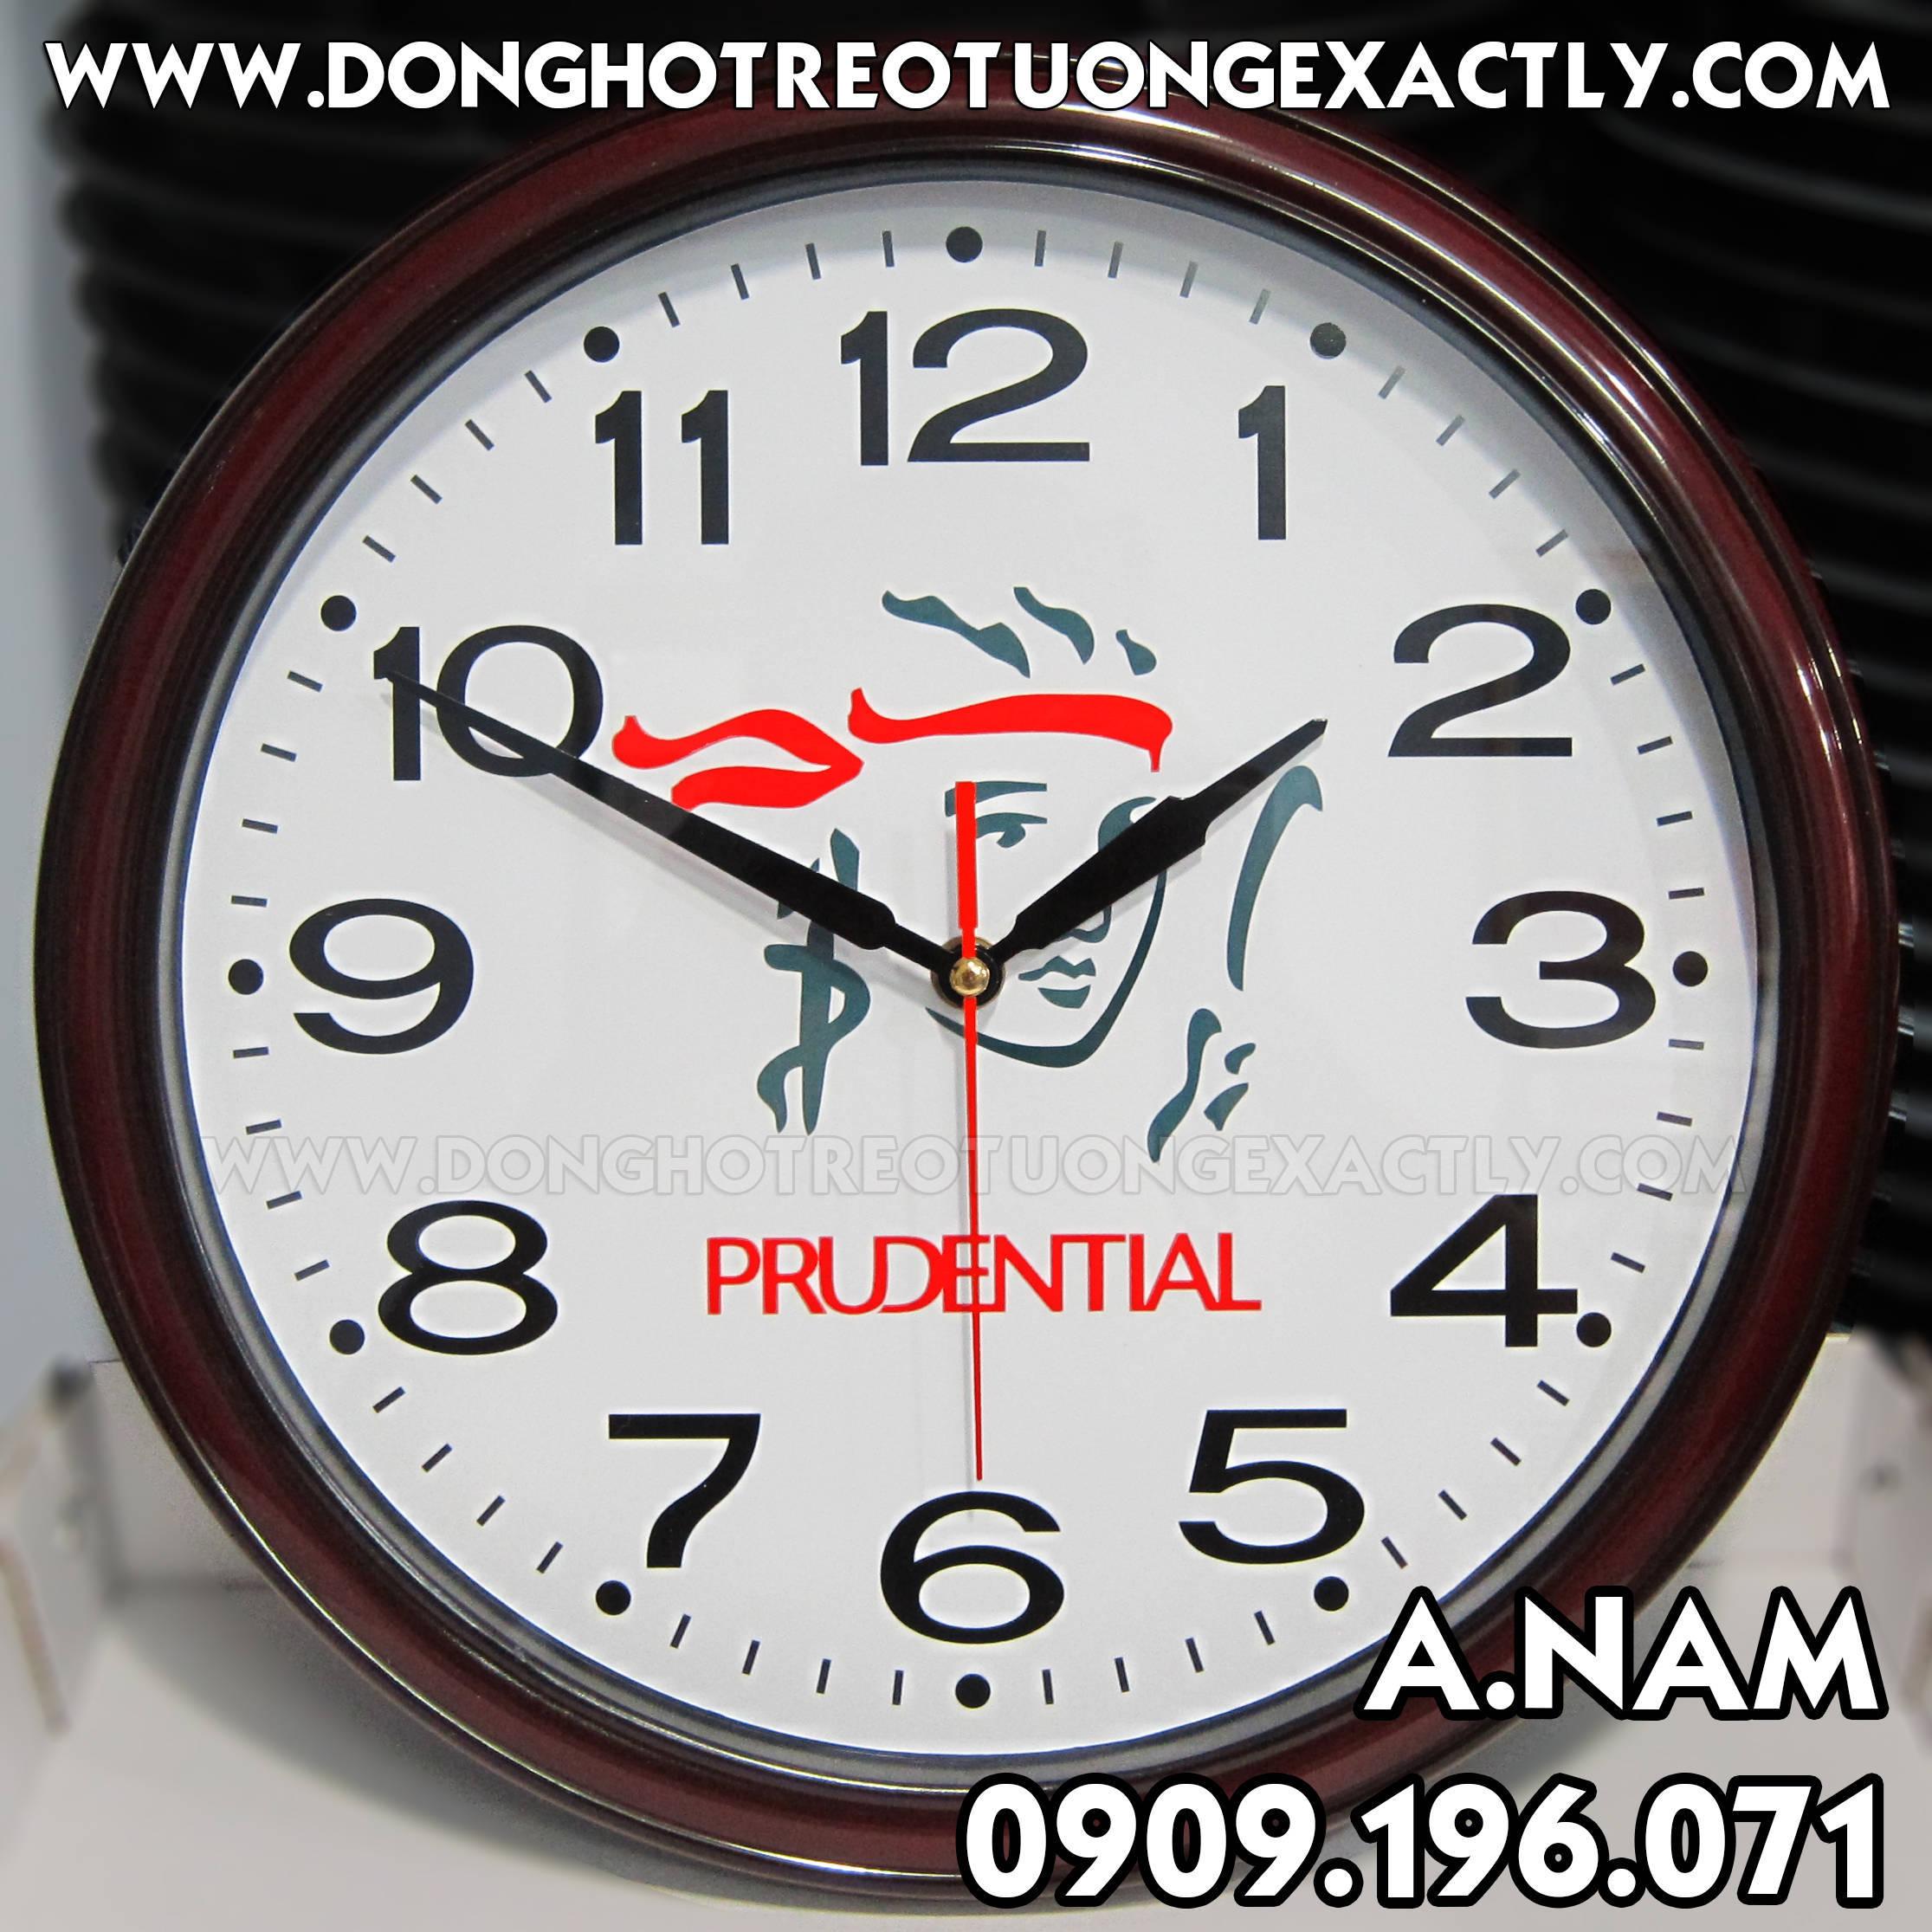 đồng hồ treo tường tặng khách PRUDENTIAL